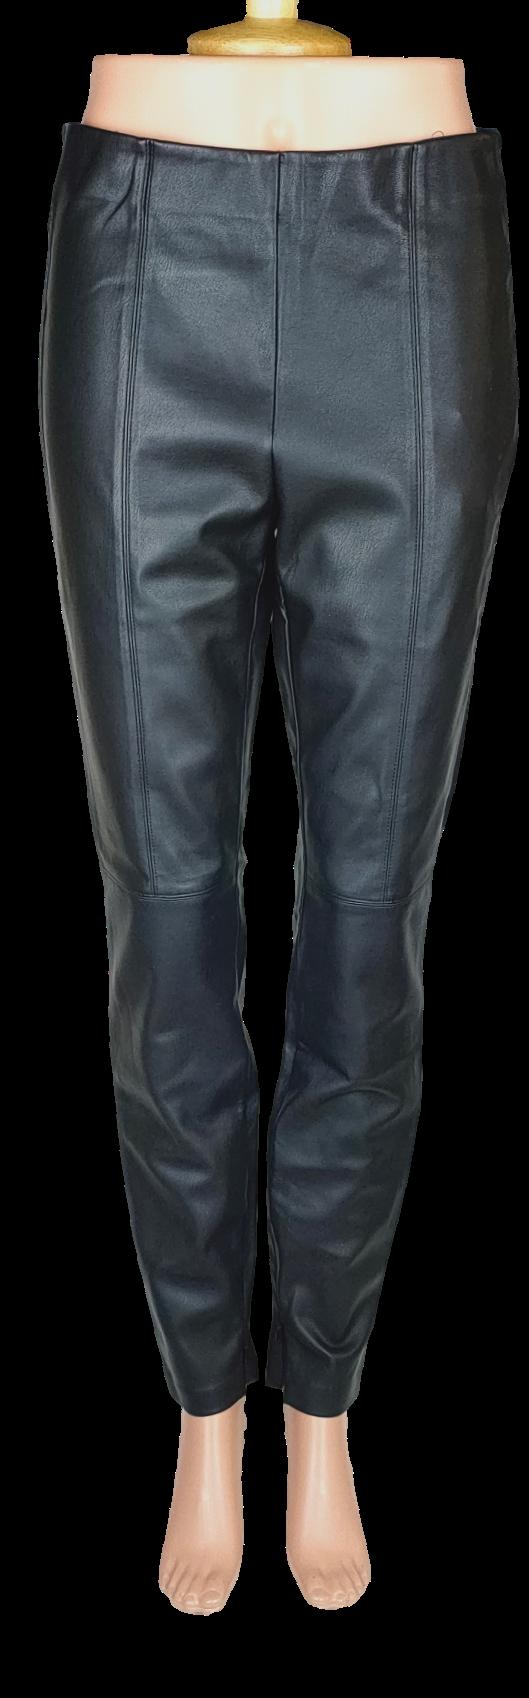 Pantalon Zara - Taille 40